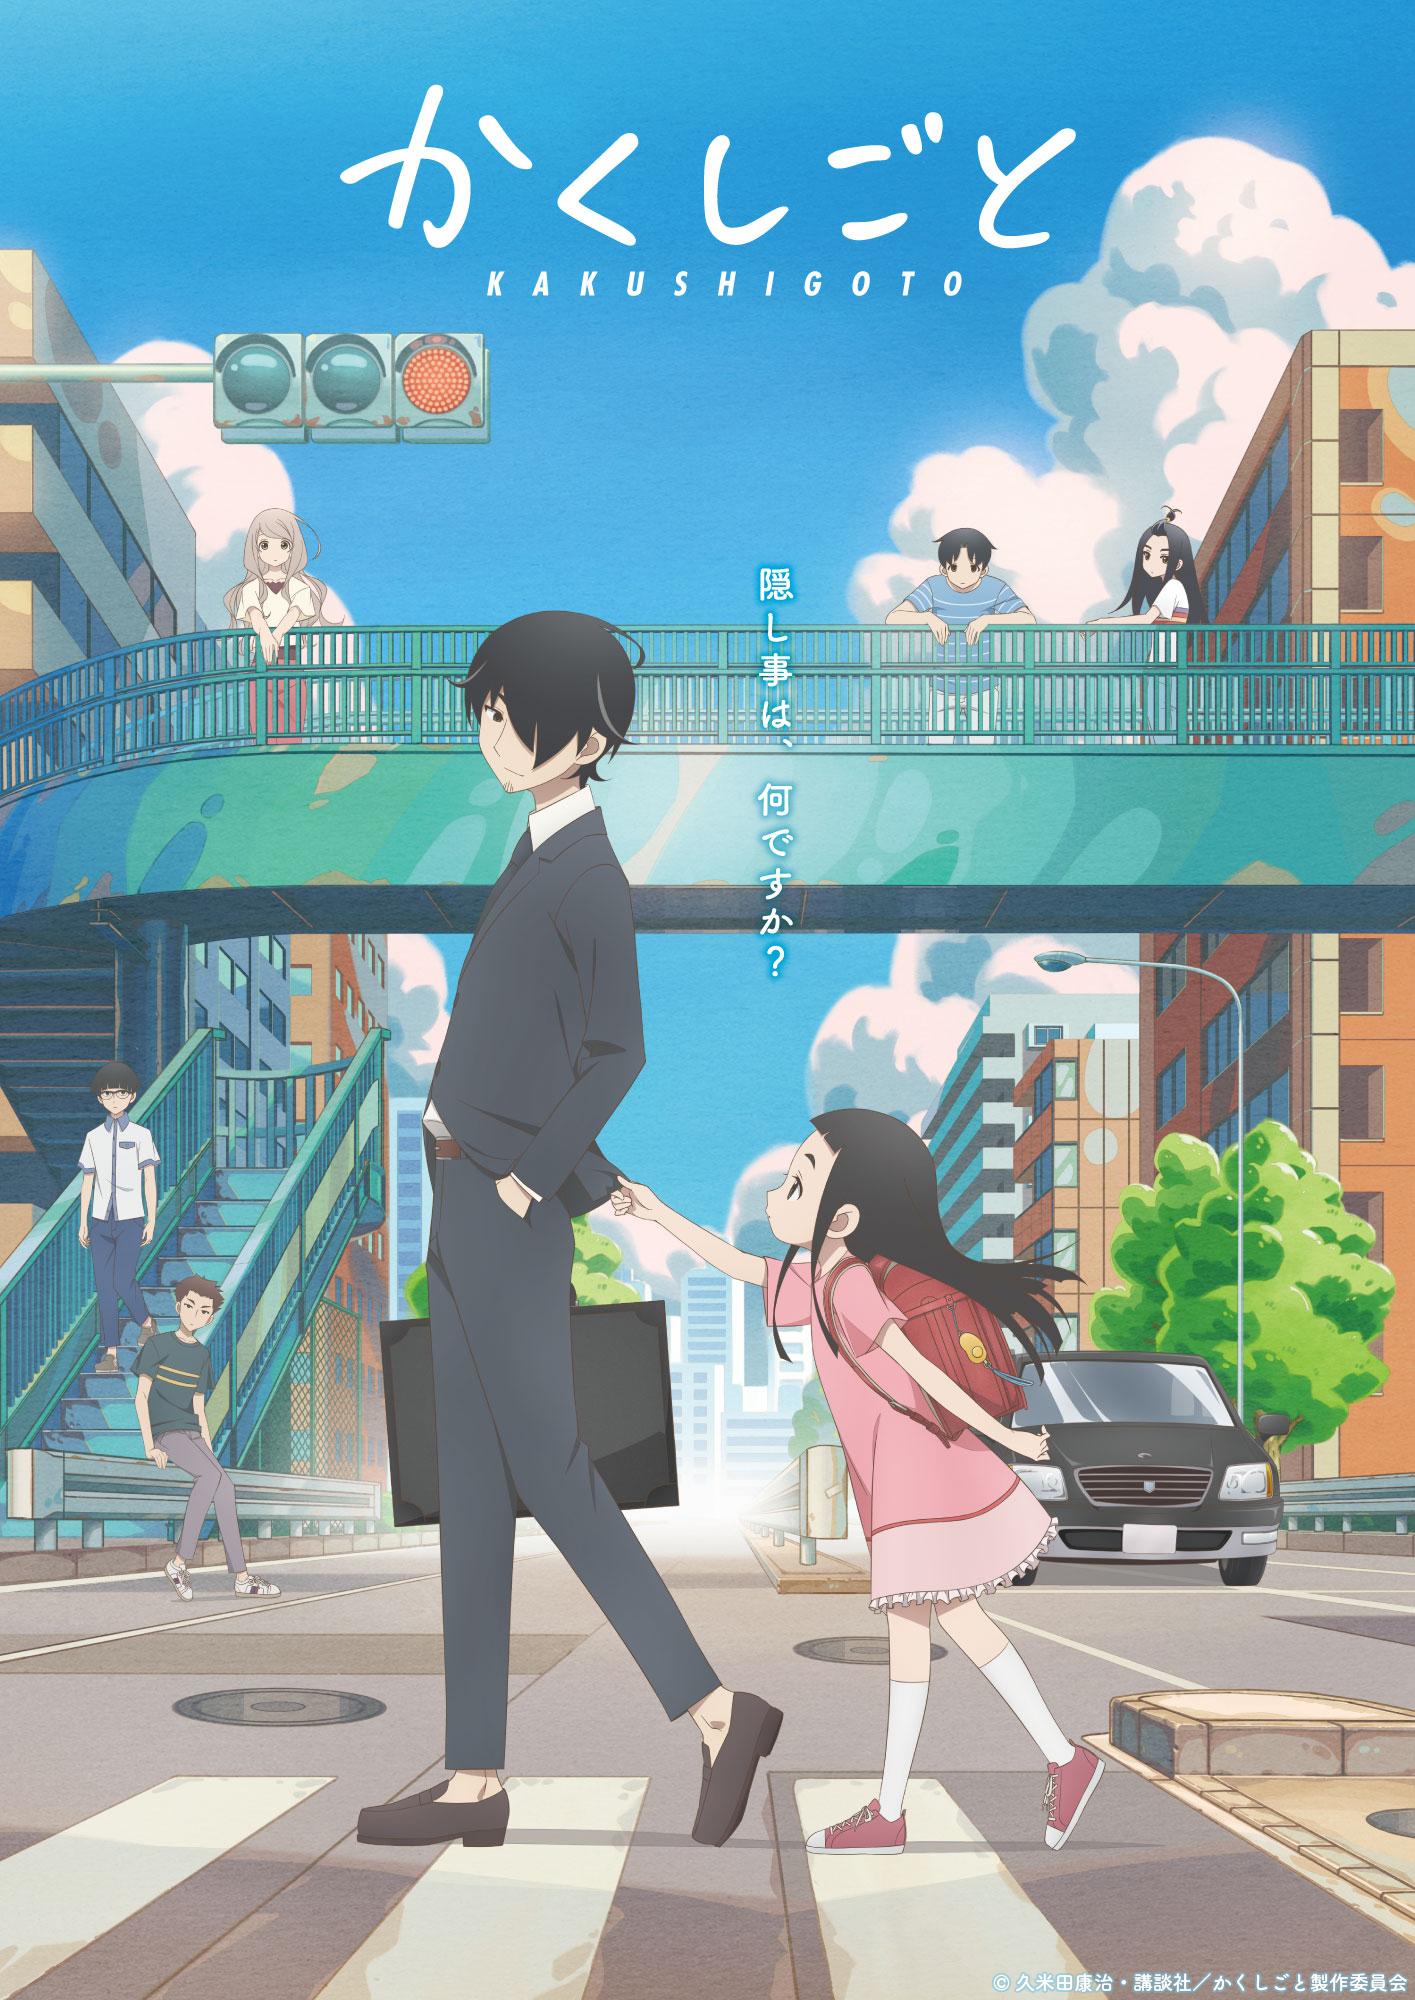 TVアニメ『かくしごと』キービジュアル&本PVを公開!隠し事を守りきれるのか? | SPICE - エンタメ特化型情報メディア スパイス